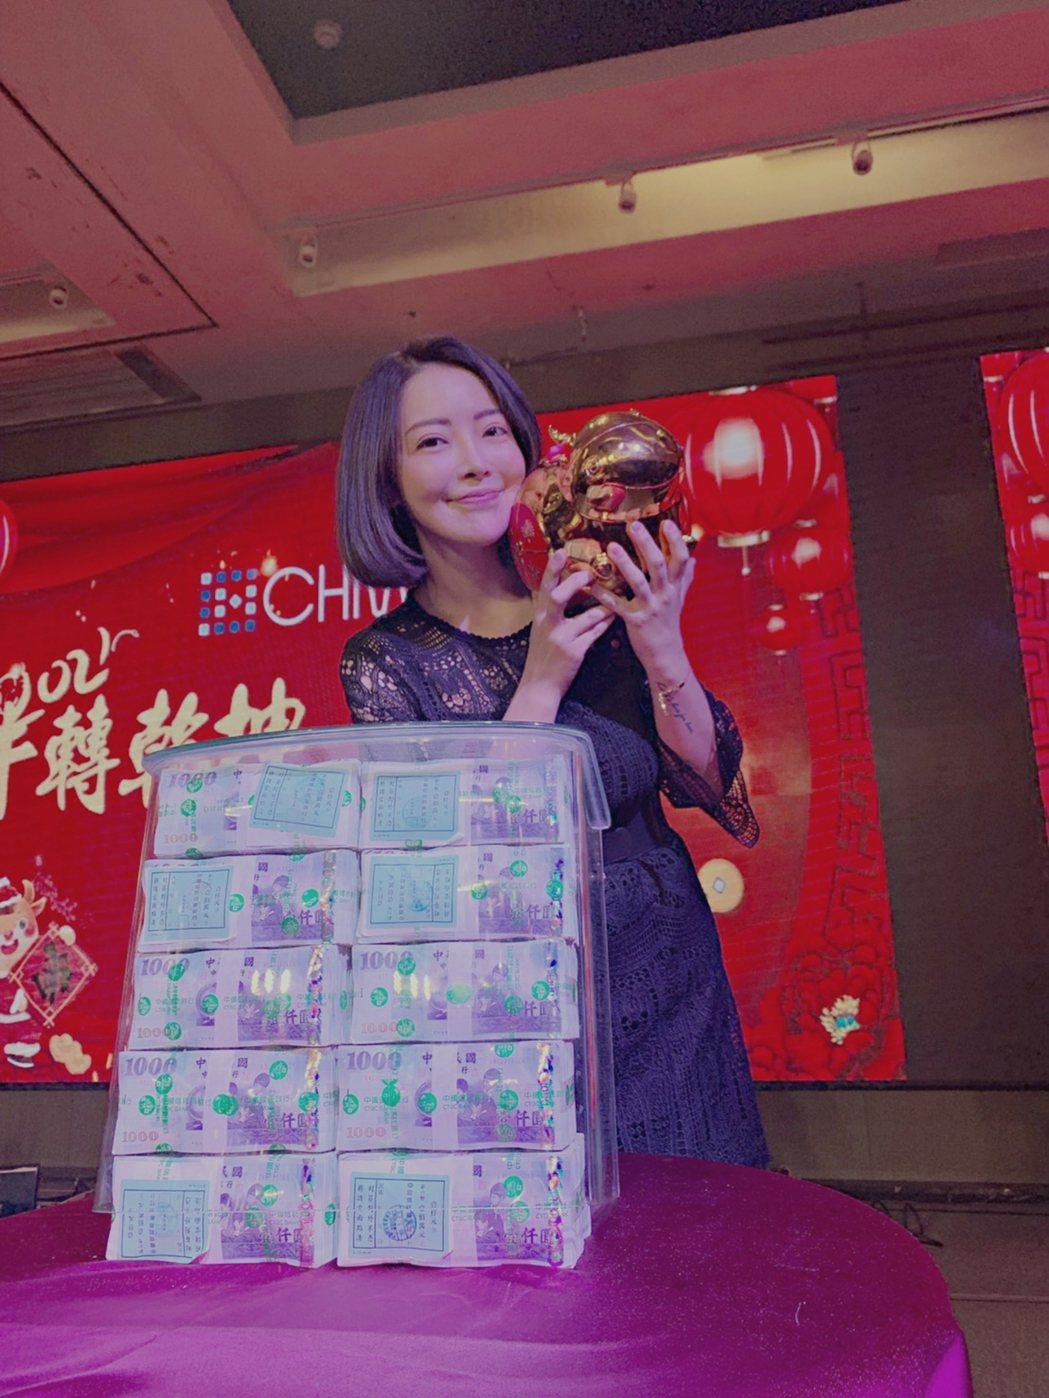 趙心妍在尾牙上和加碼獎金合照。圖/云集匯提供